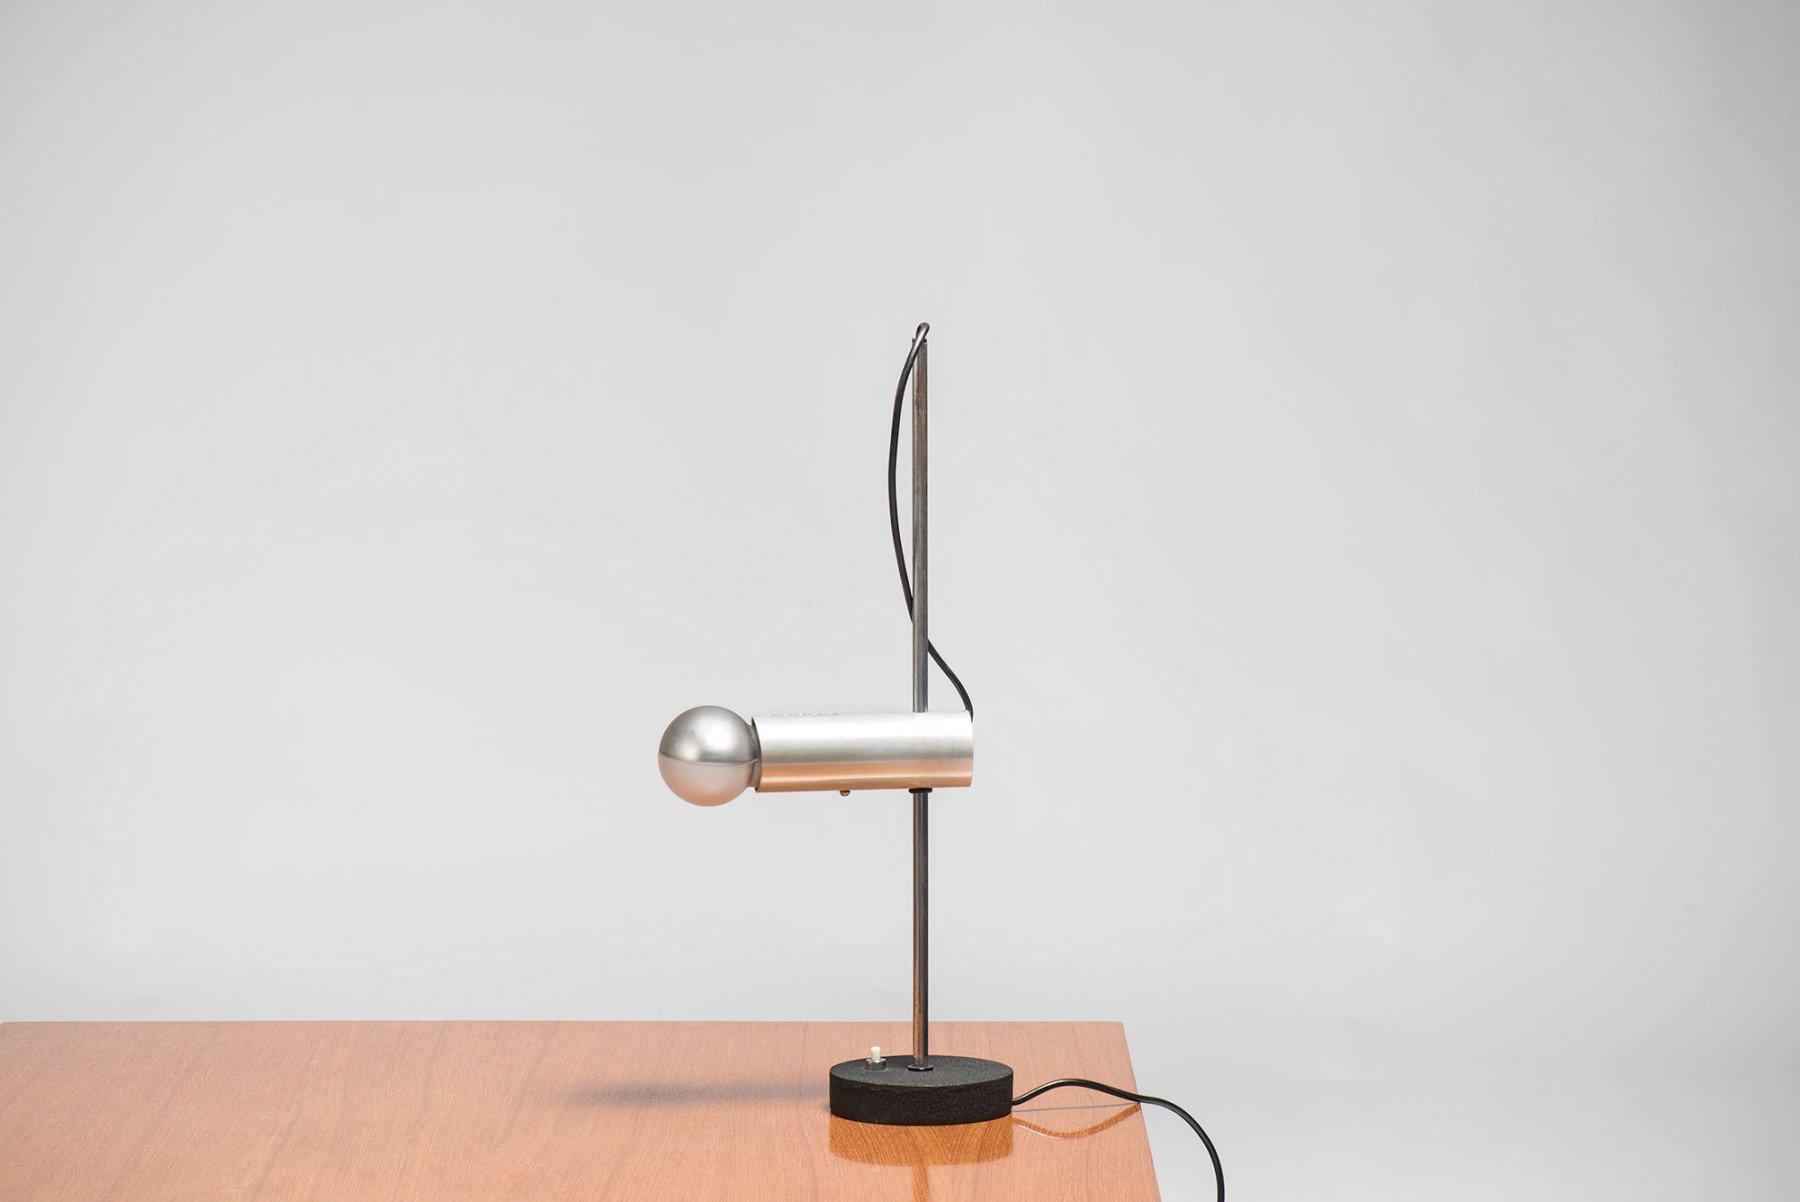 Gino Sarfatti |   Table lamp, model 566